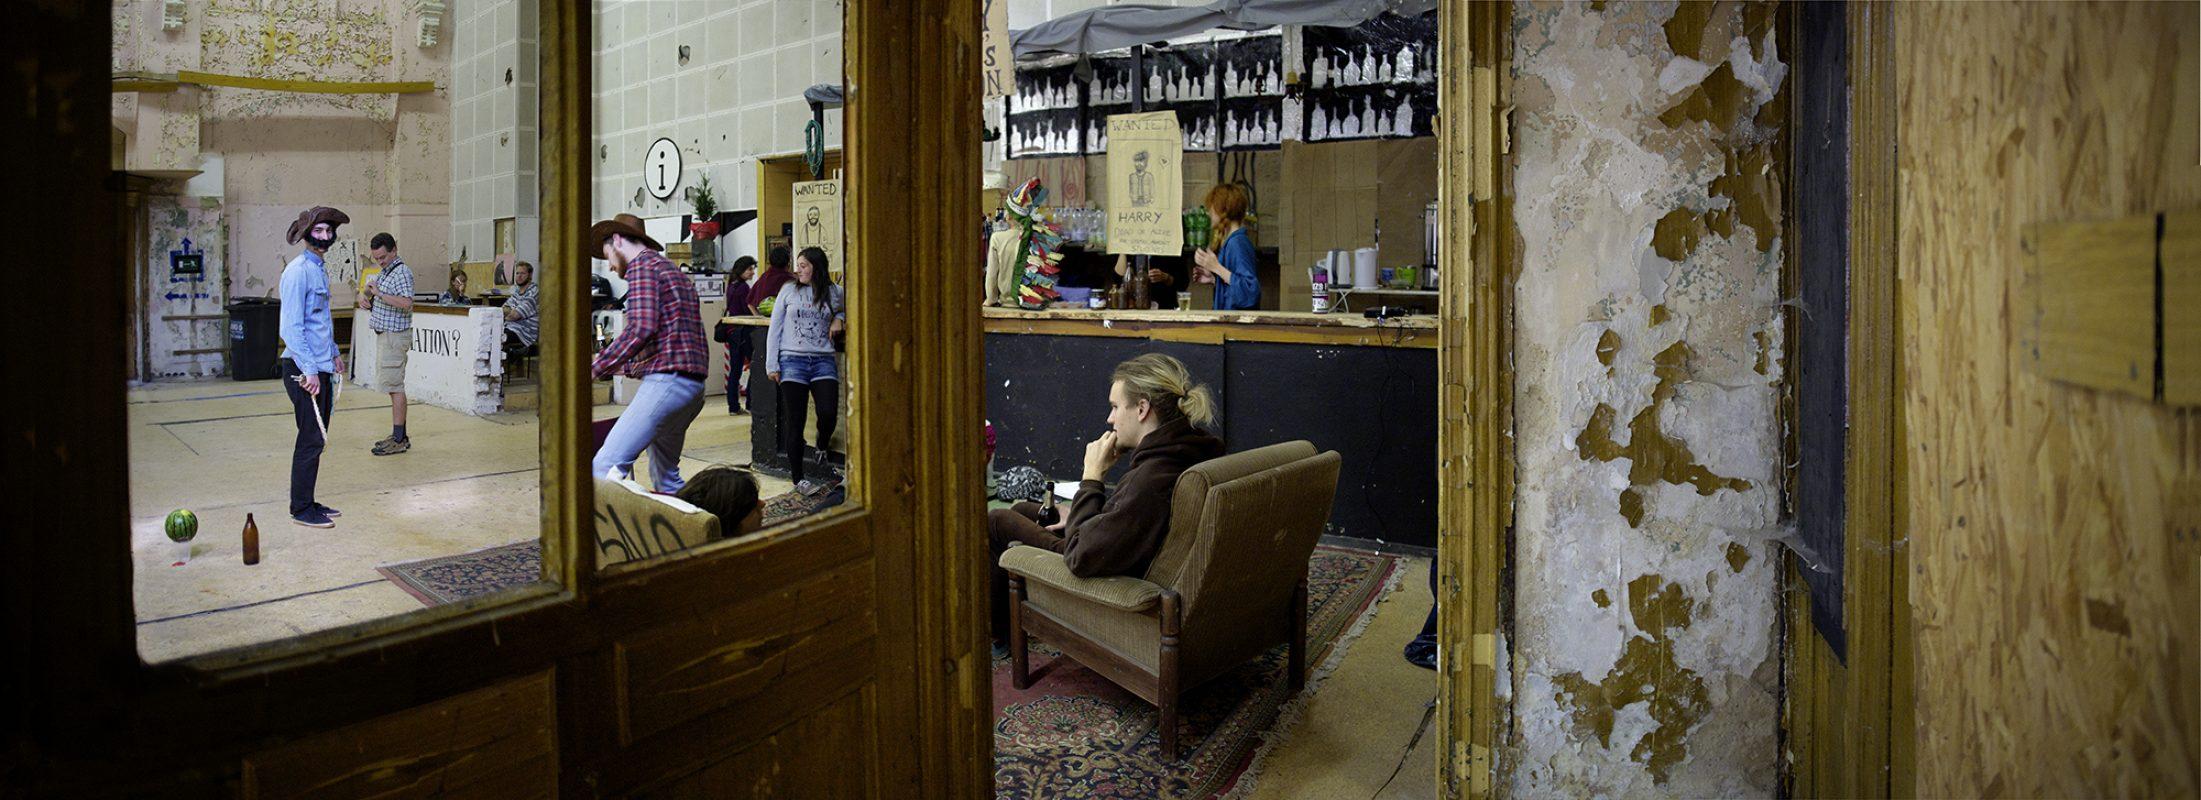 Künstlergruppe in den Beelitz Heilstätten